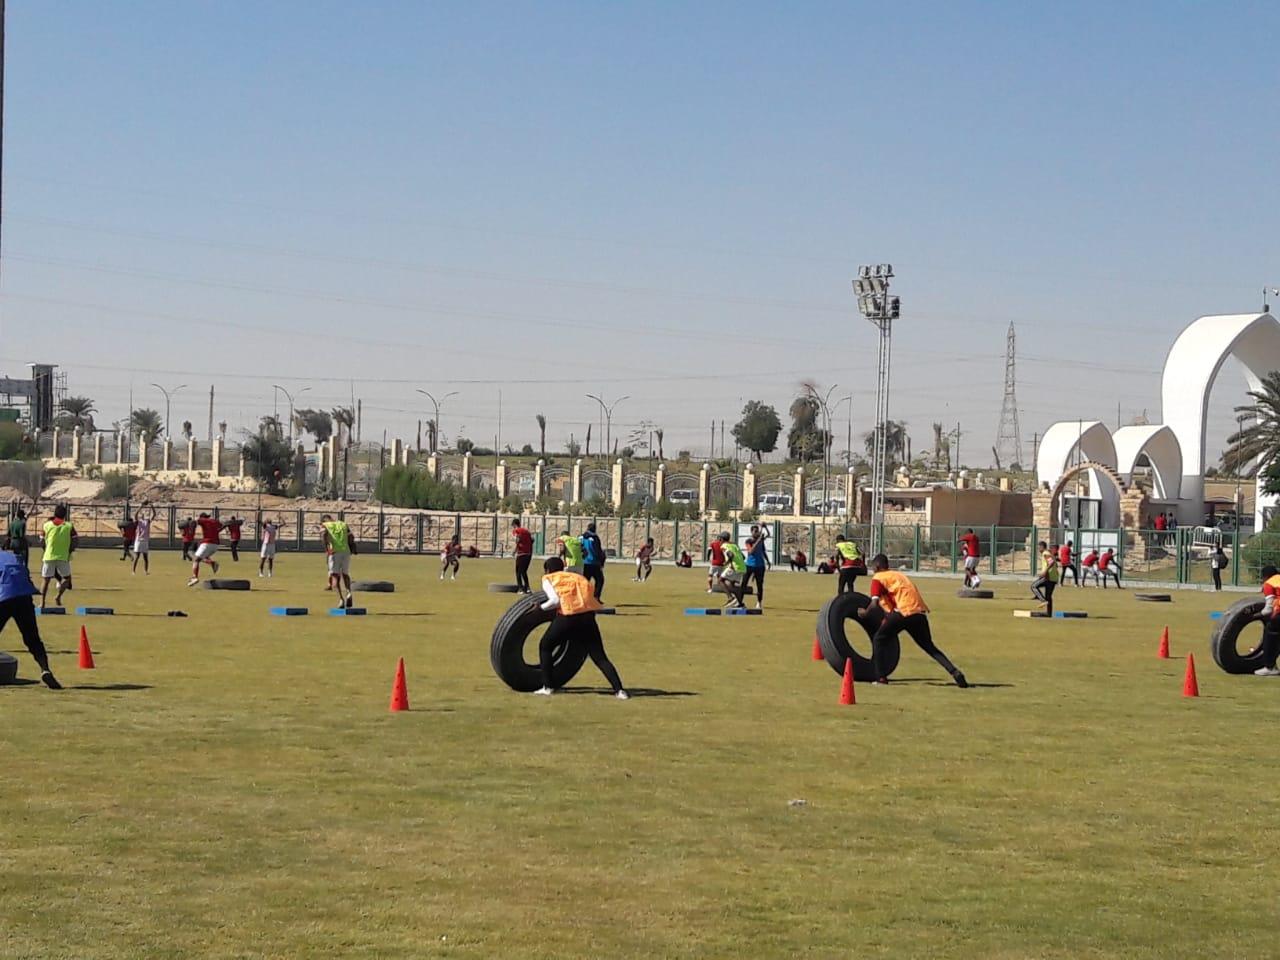 رئيس جامعة أسوان يشهد تدريبات اللياقة البدنية تحت شعار «الرياضة أمن قومي»